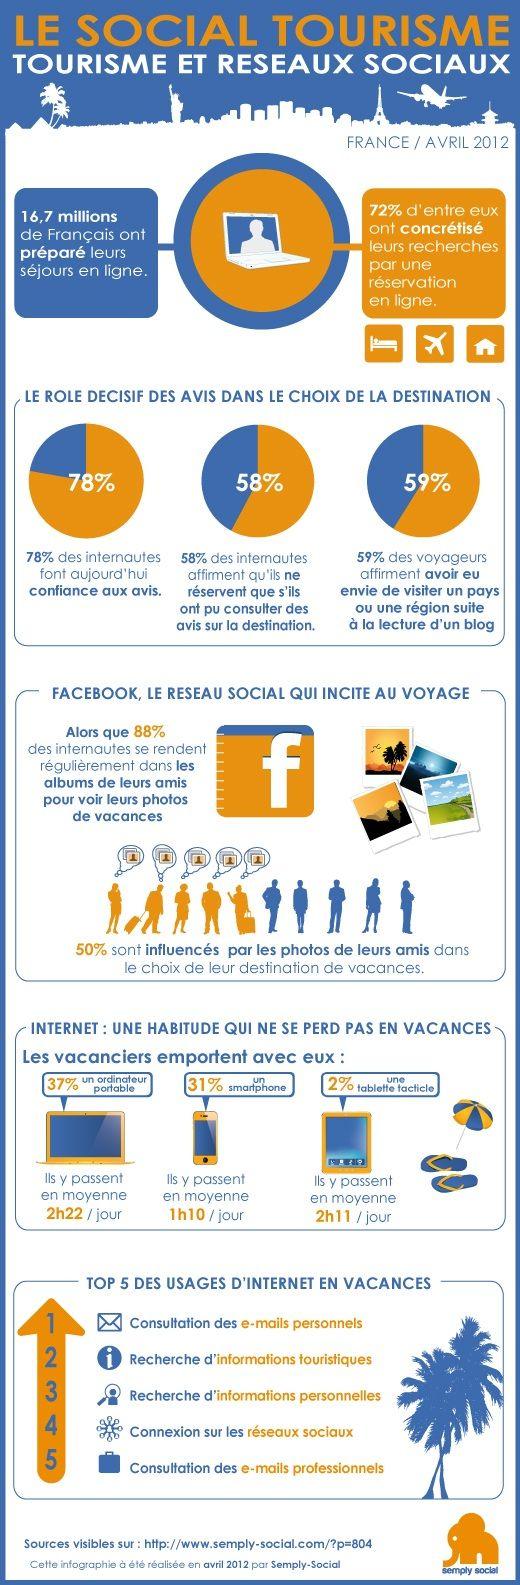 E-tourisme et réseaux sociaux: Social Network, En France, Social Media, E Tourisme, Networks, Social Networks, Social Tourisme, Socialmedia, Le Social